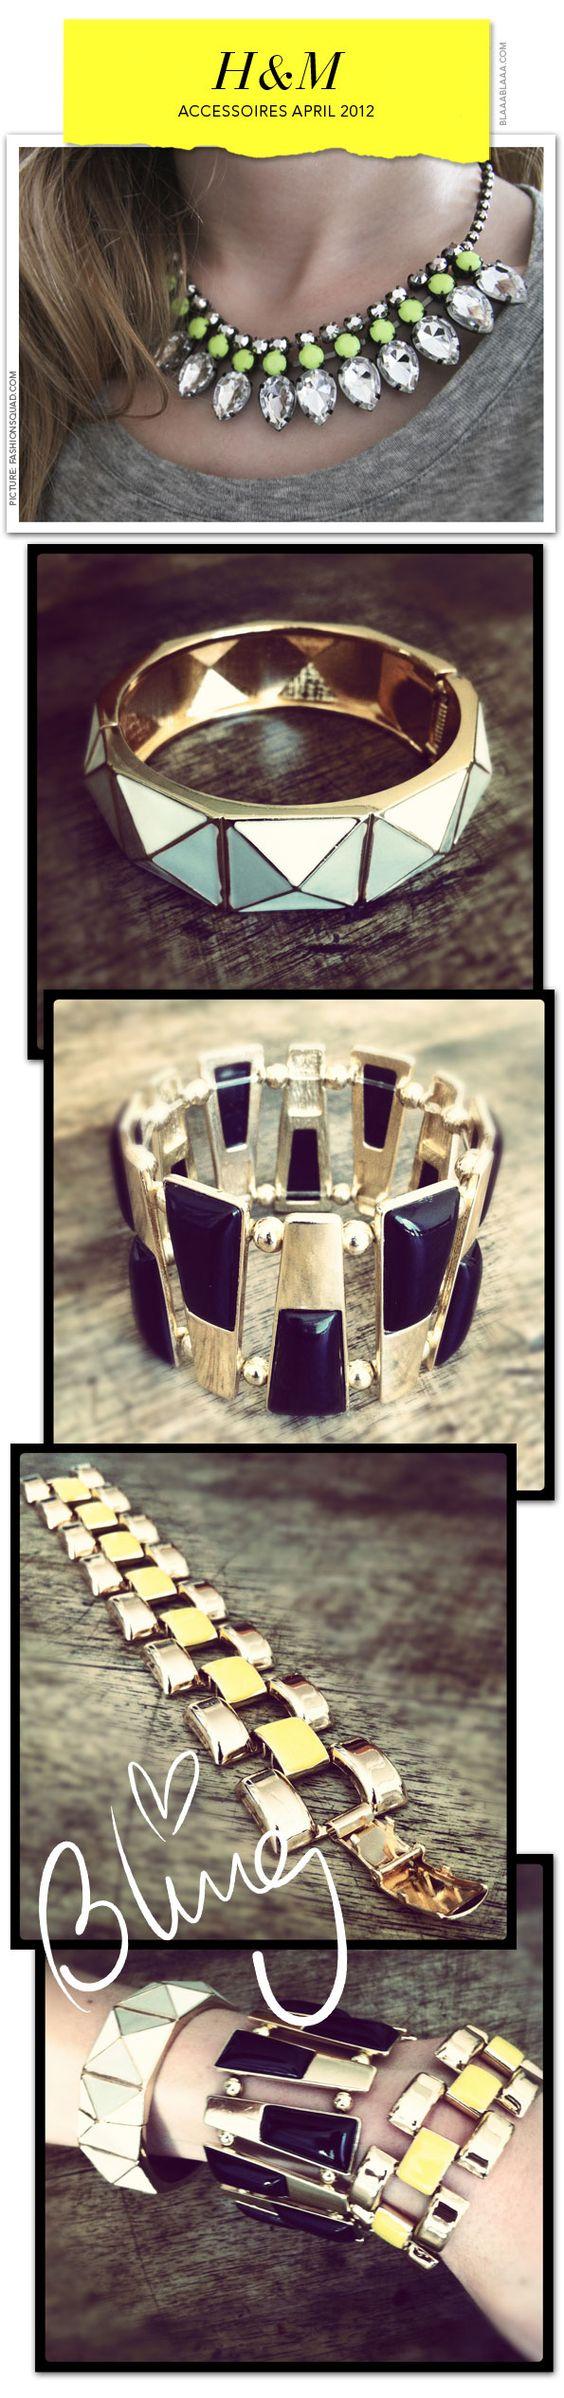 H Statement Jewelry April 2012